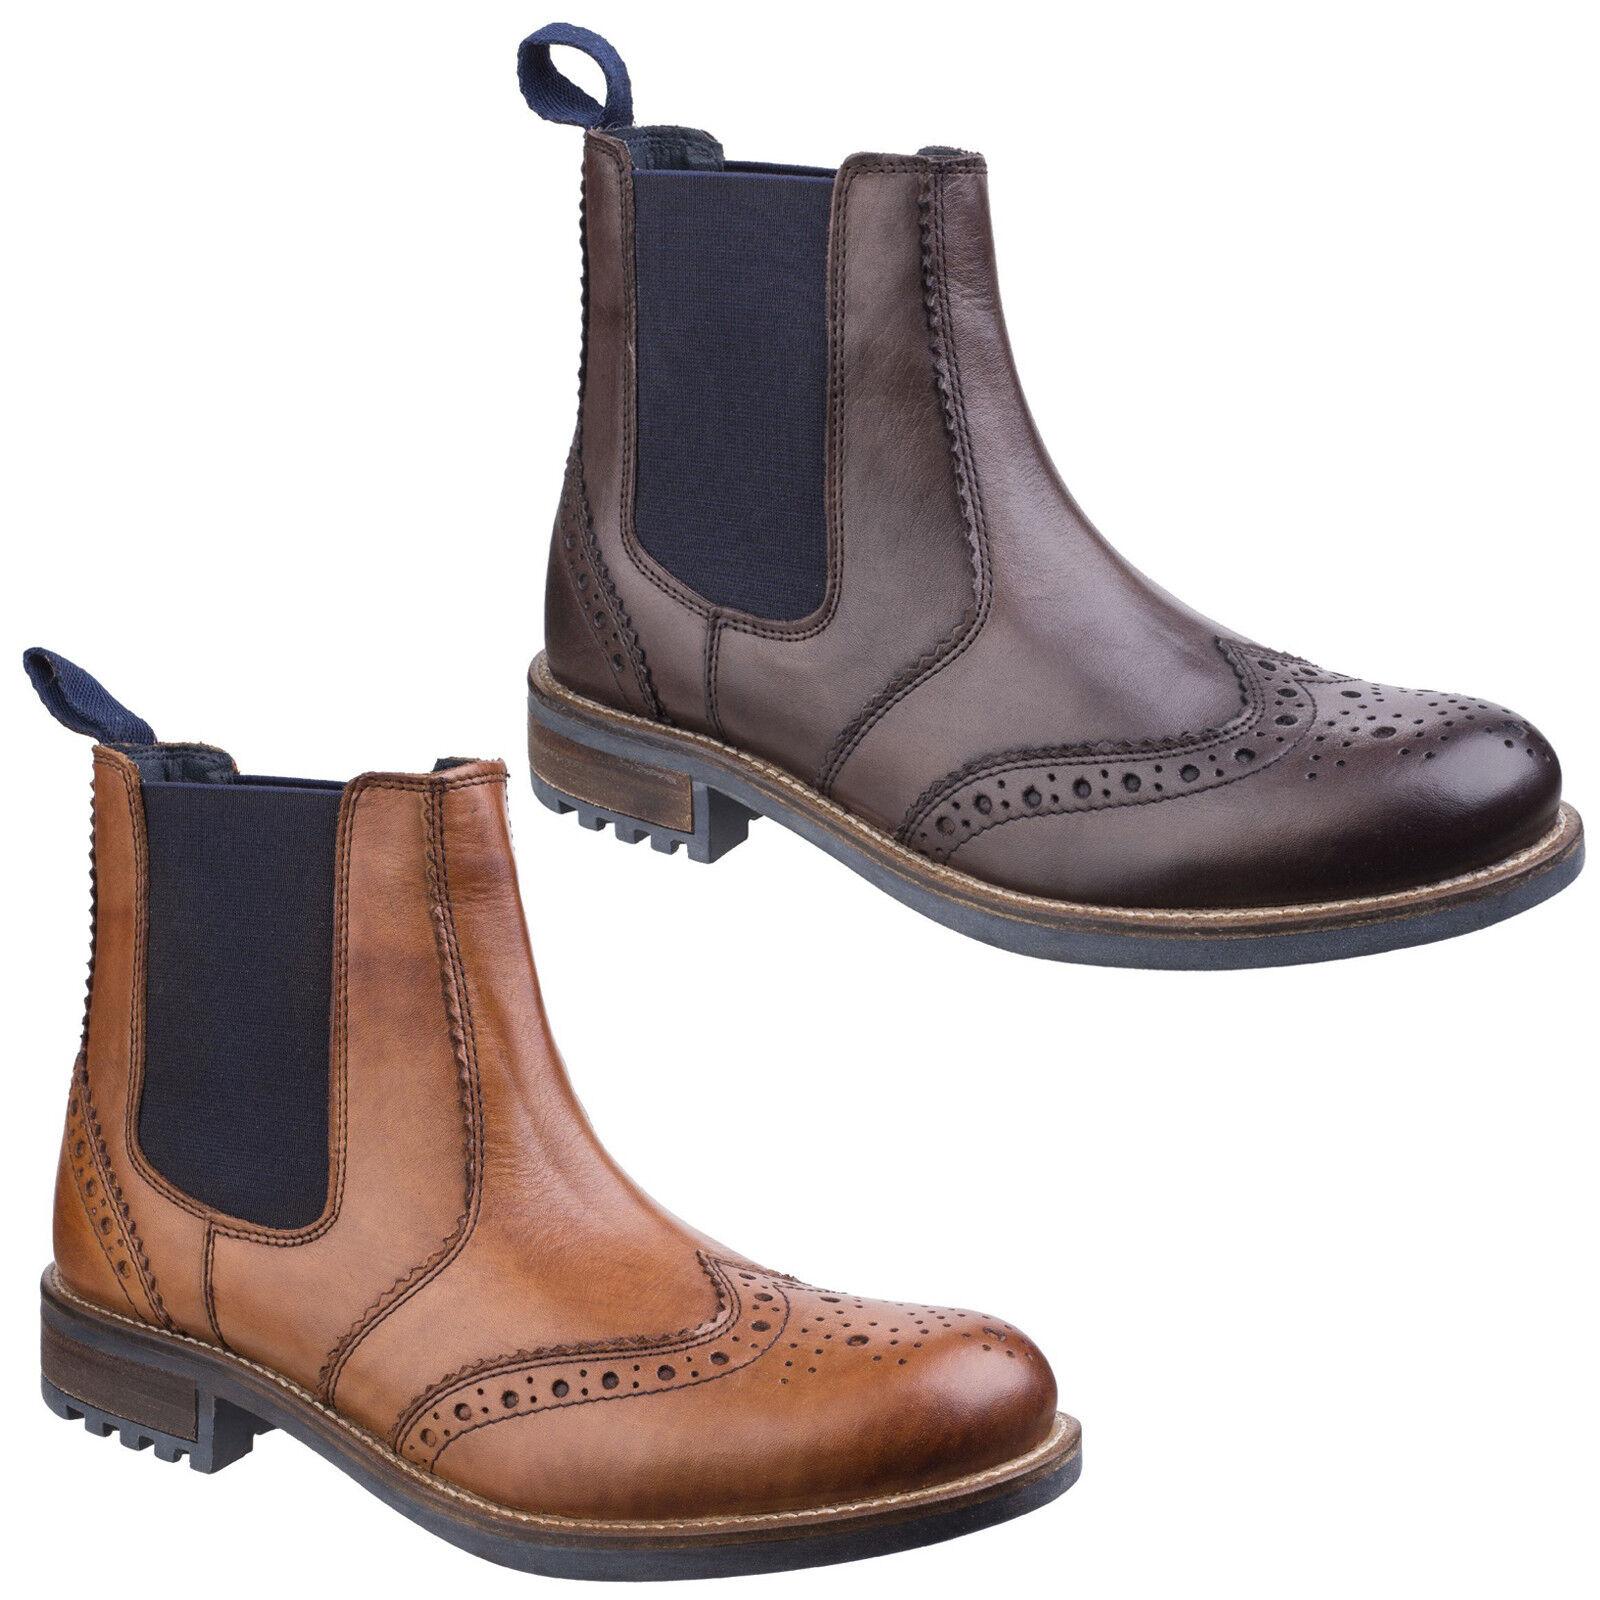 Los zapatos más populares para hombres y mujeres CABALLEROS Sebago Informal Corto Botas B17103